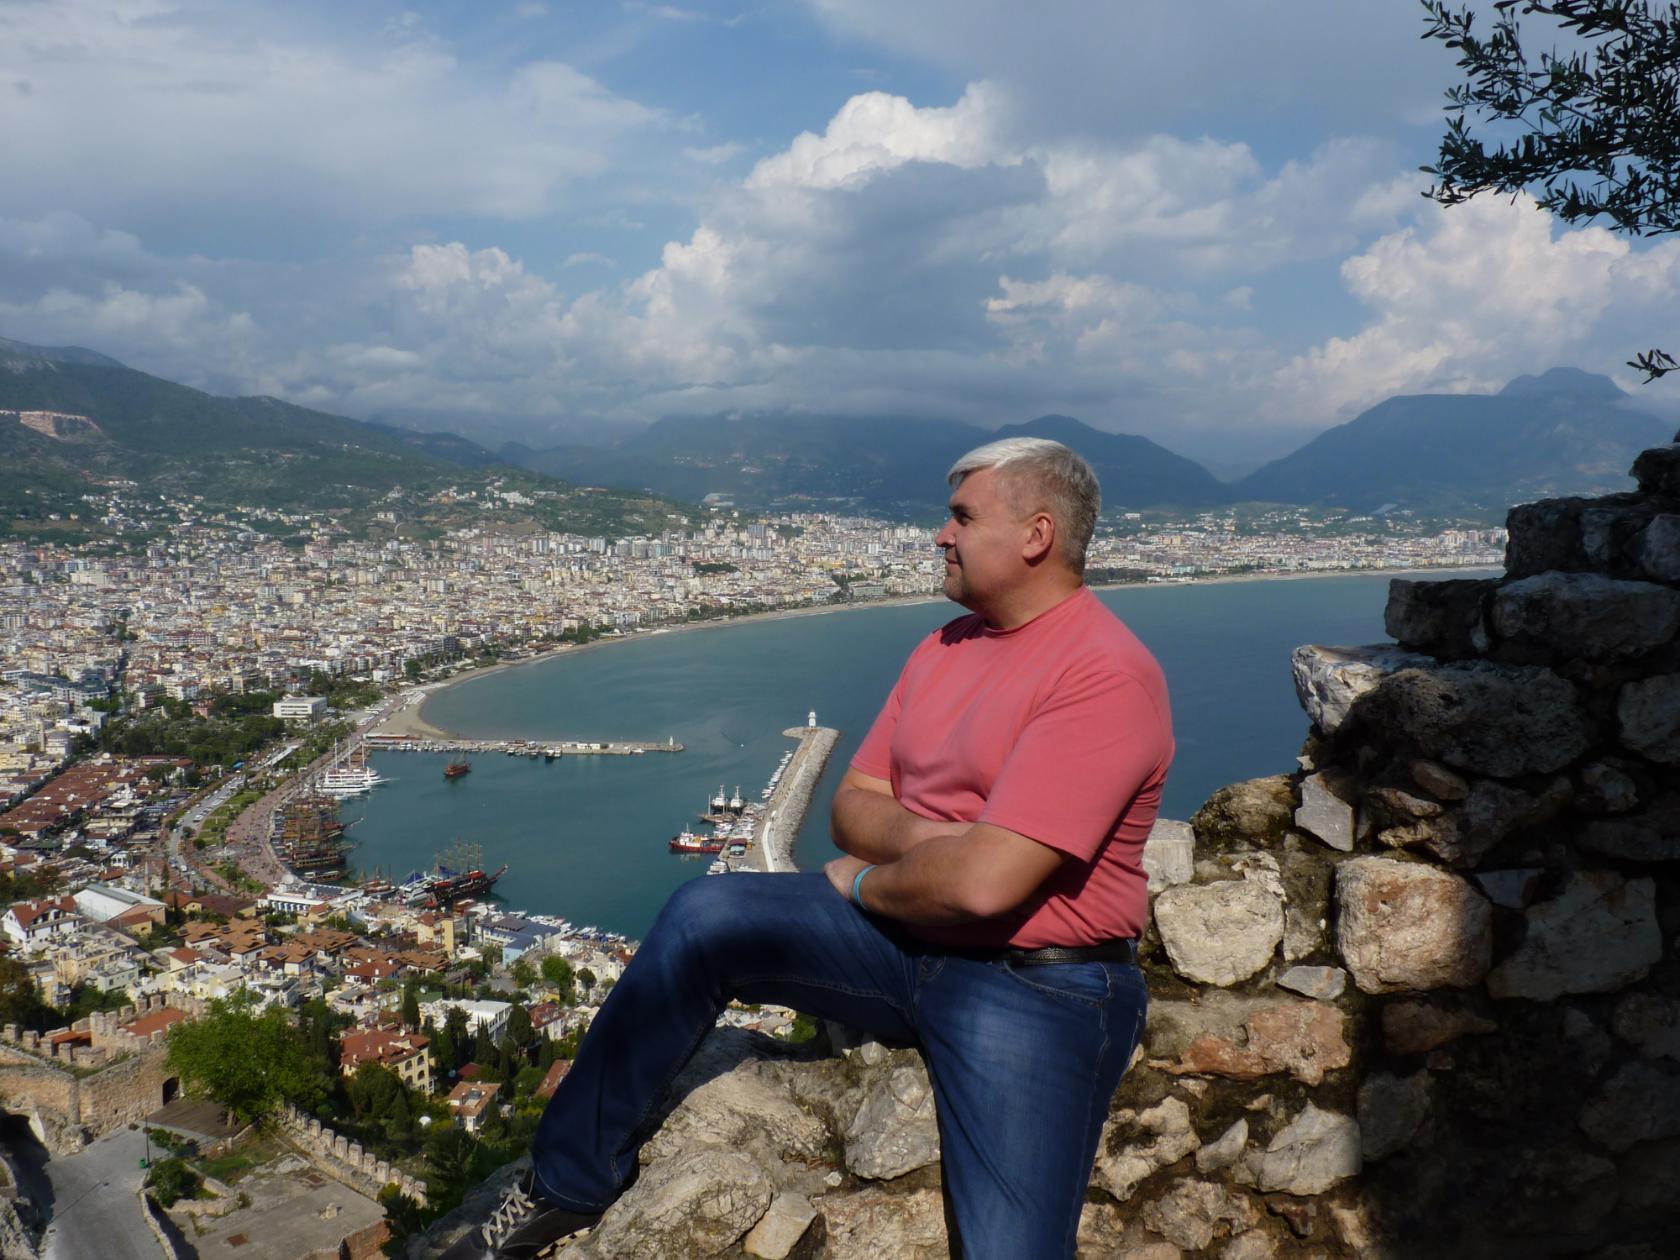 На этот раз Михаил Гранкин не долетел до греческого курорта